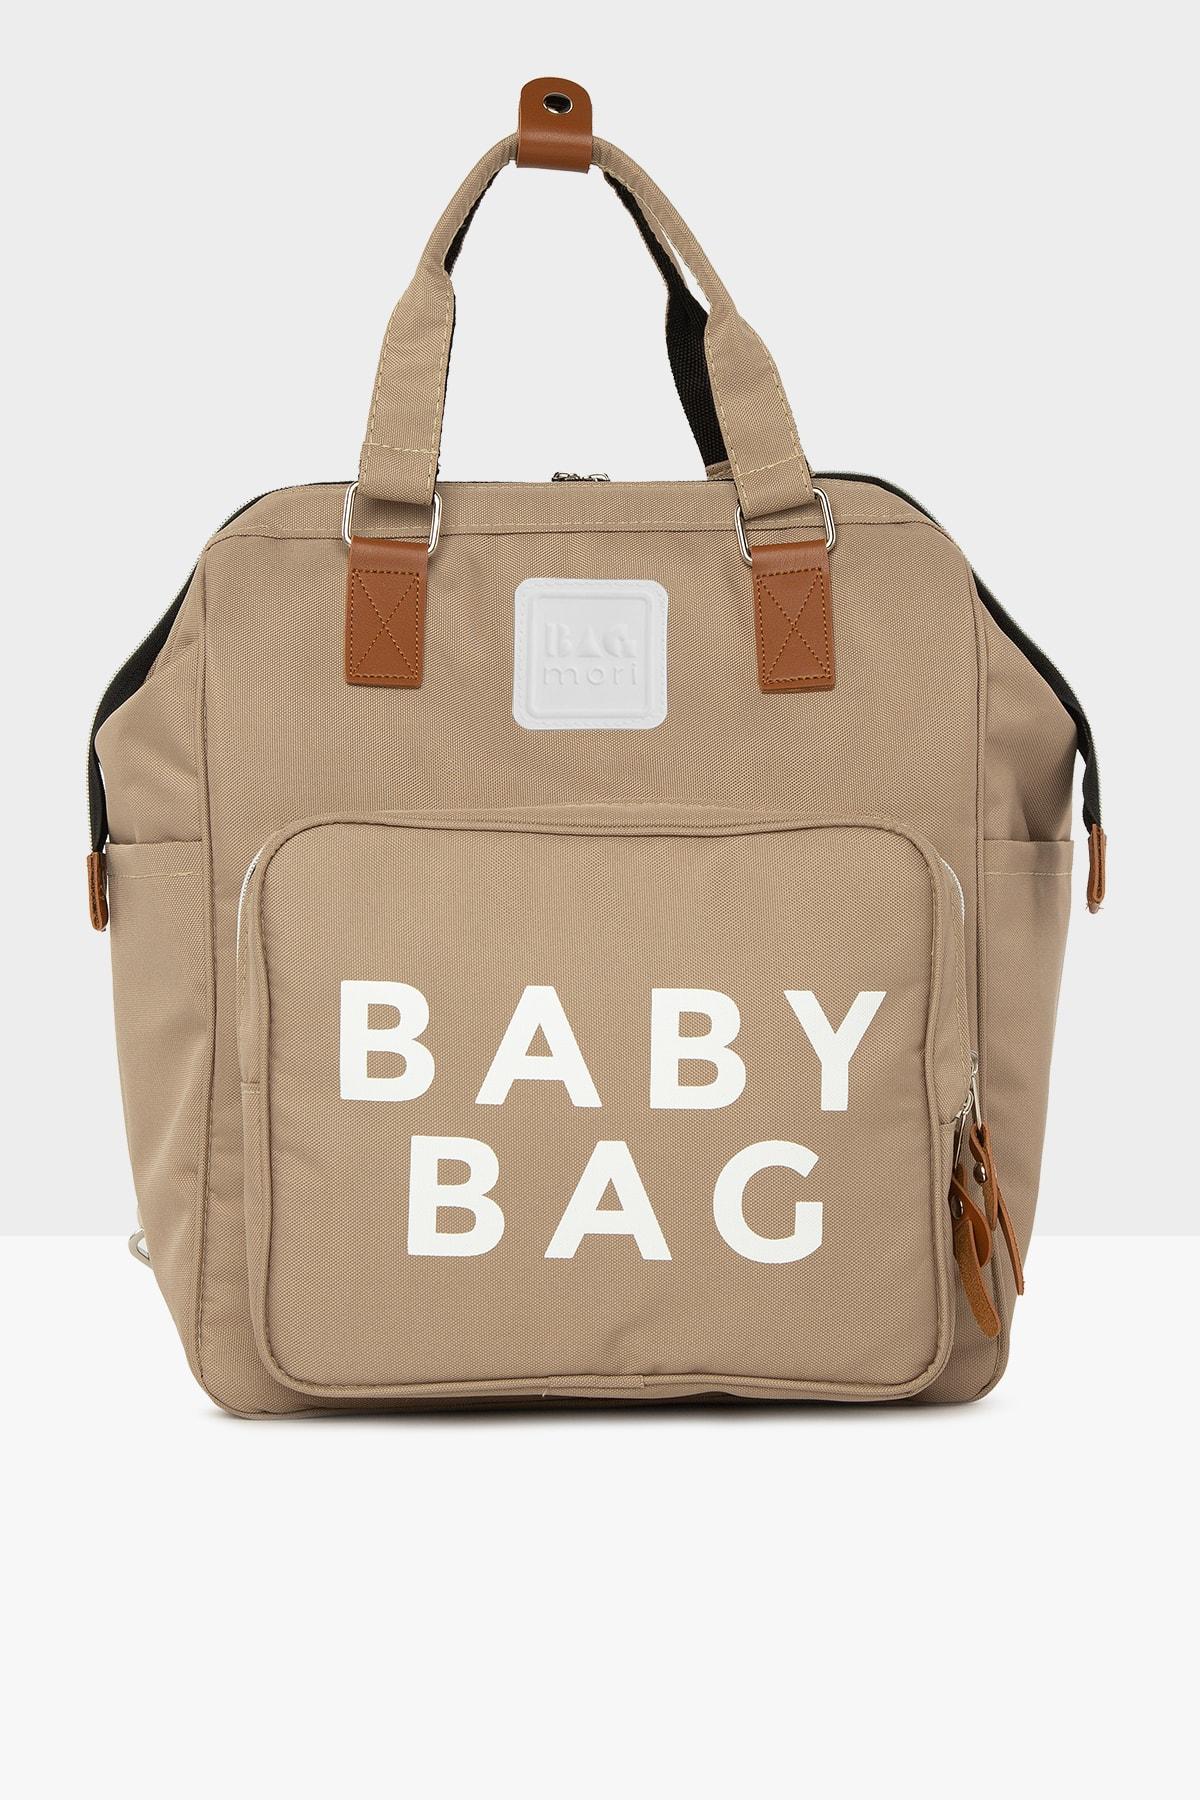 Bagmori Vizon Baby Bag Baskılı Cepli Anne Bebek Bakım Sırt Çantası M000005163